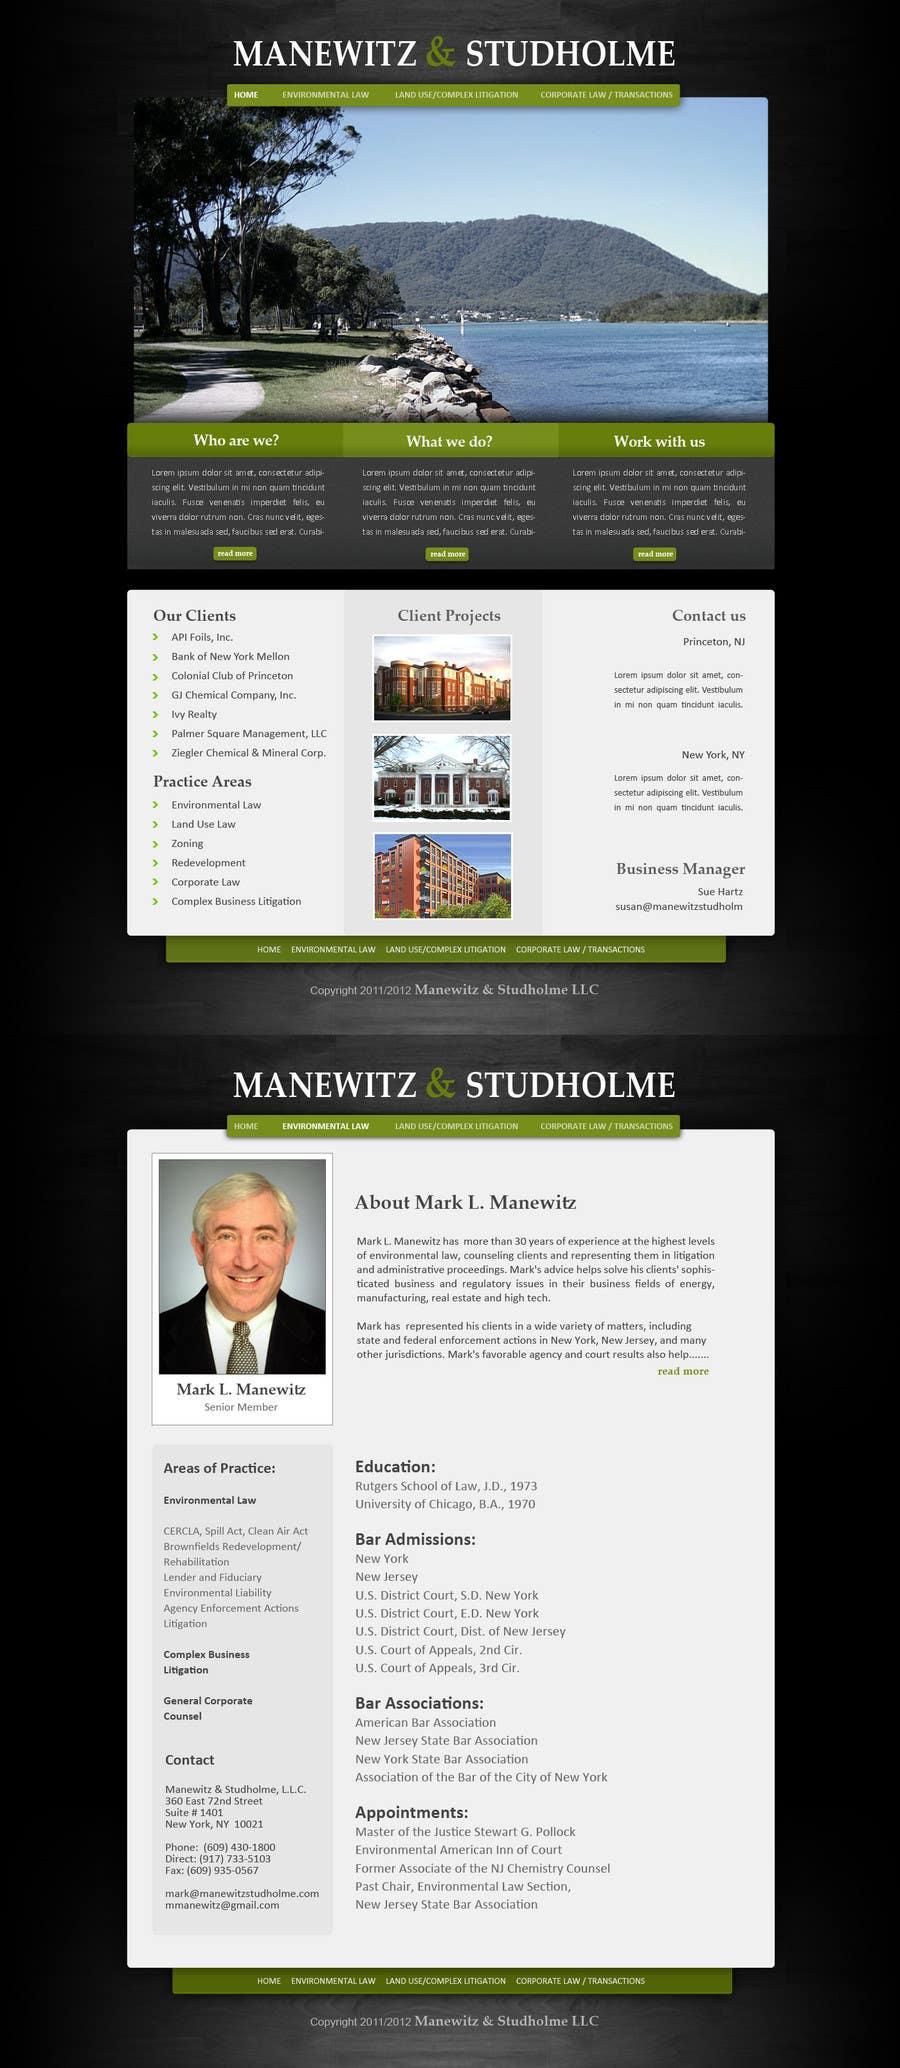 #58 for Website Design for Manewitz & Studholme LLC by pradeepkc